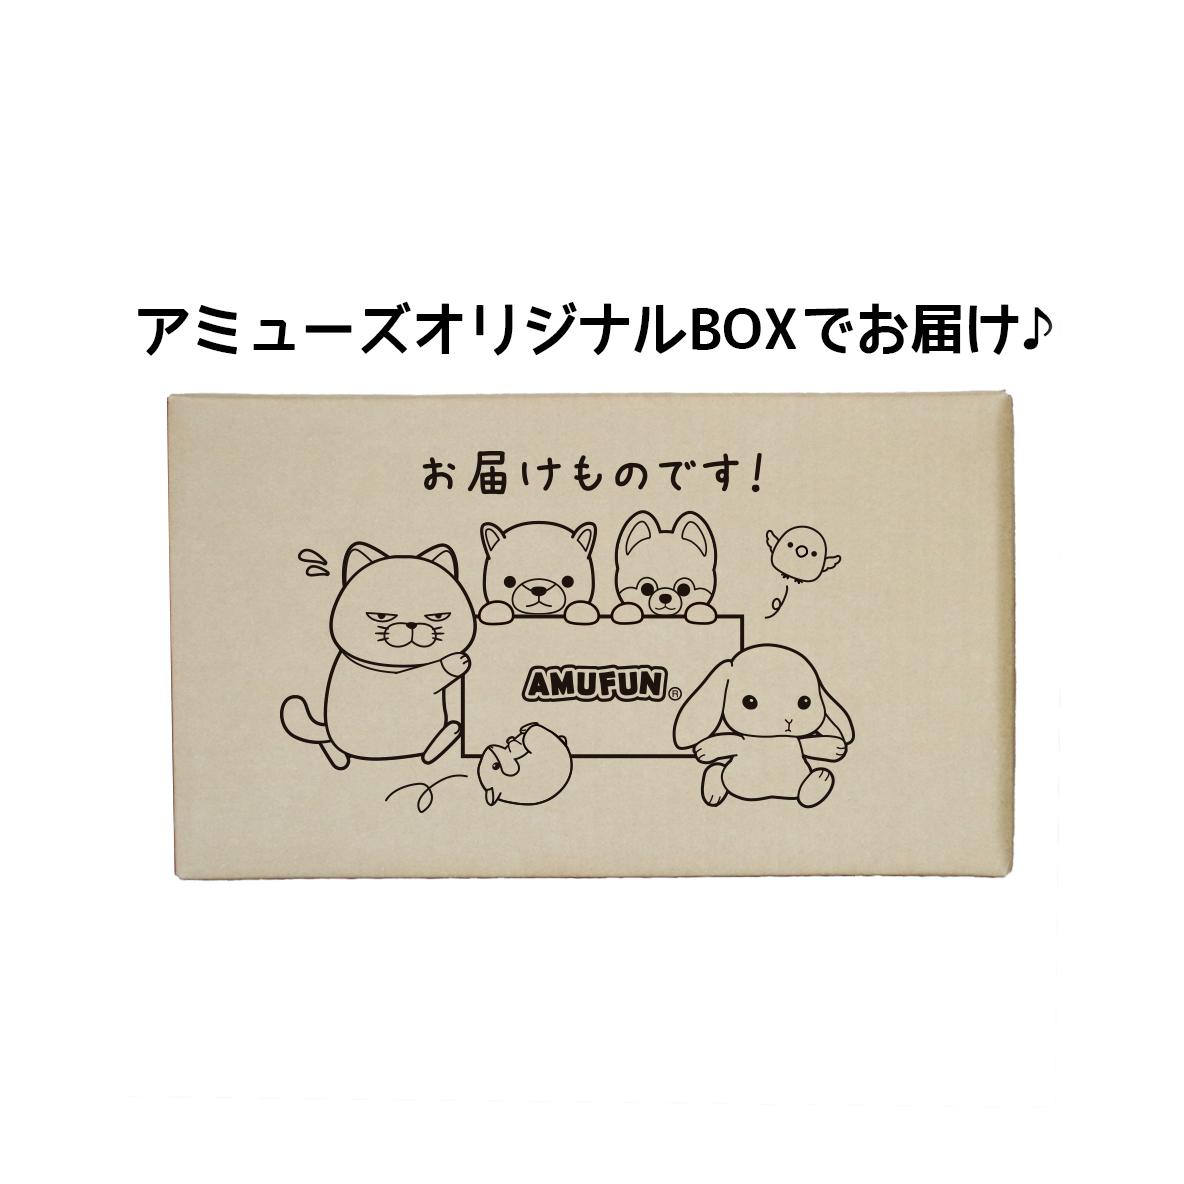 【数量限定】豆しば三兄弟アミュ箱(小)